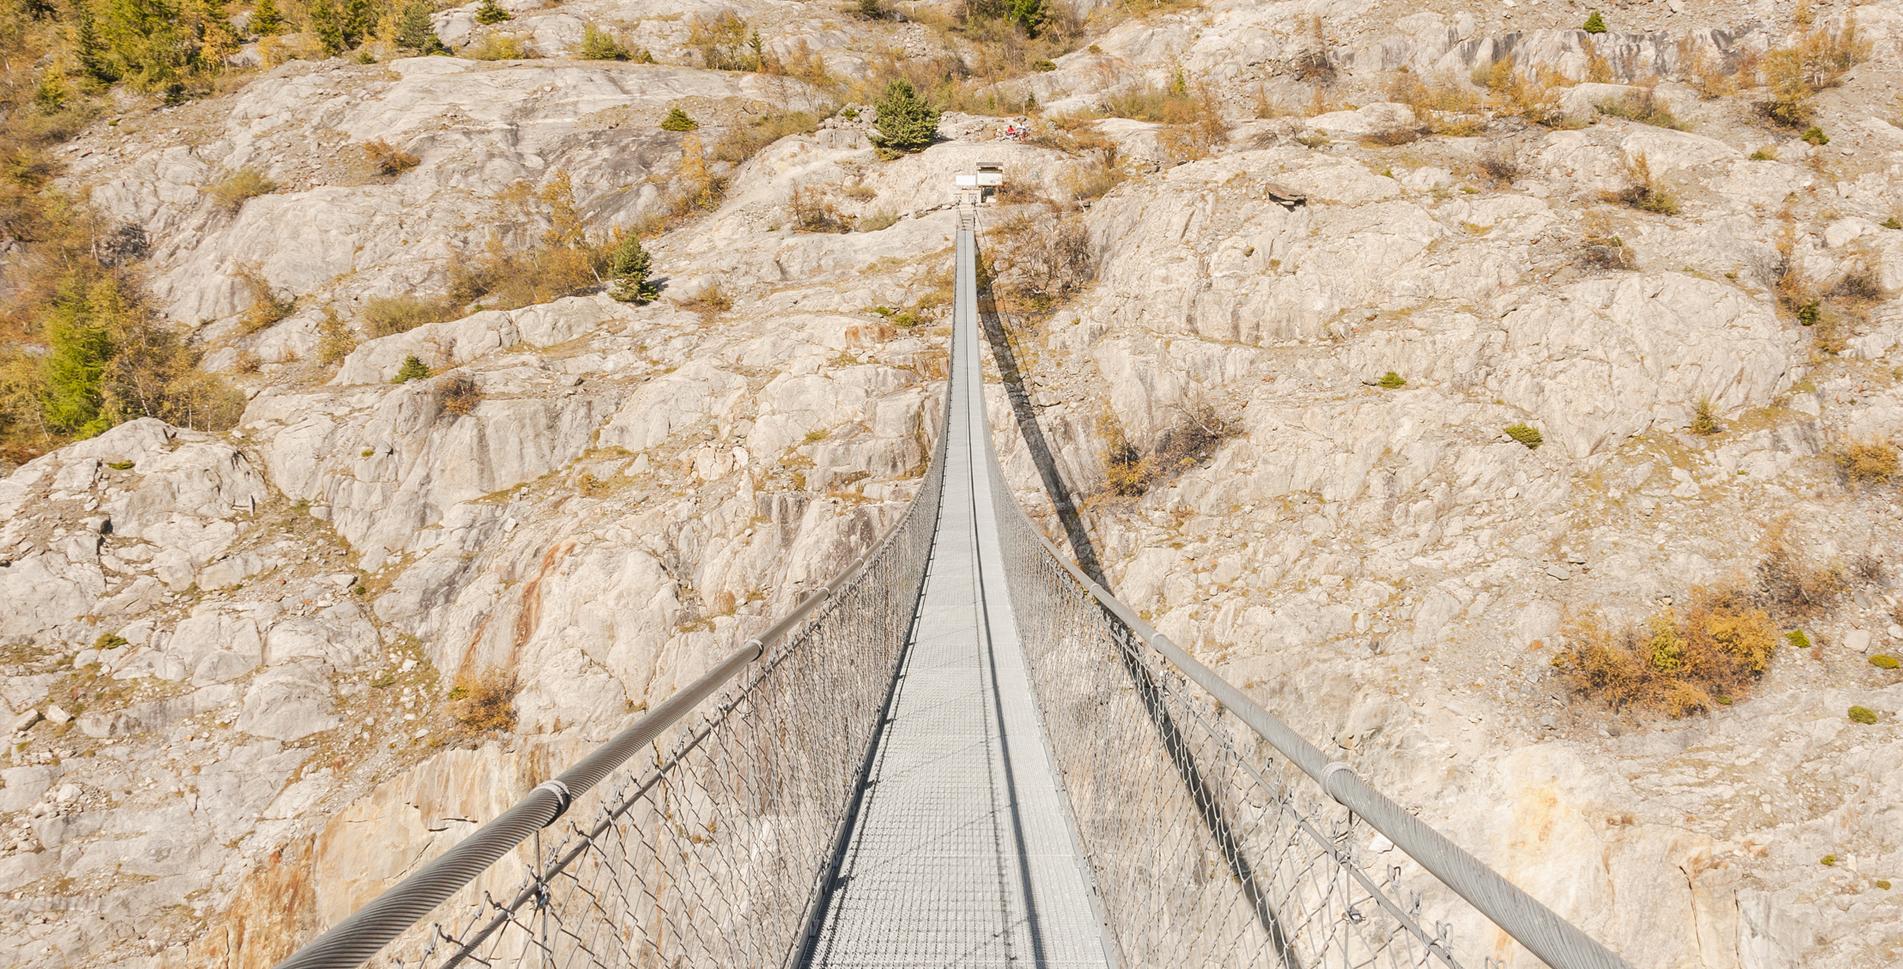 Wanderung von Belalp über die Hängebrücke, die die Massaschlucht überspannt, zur Riederalp